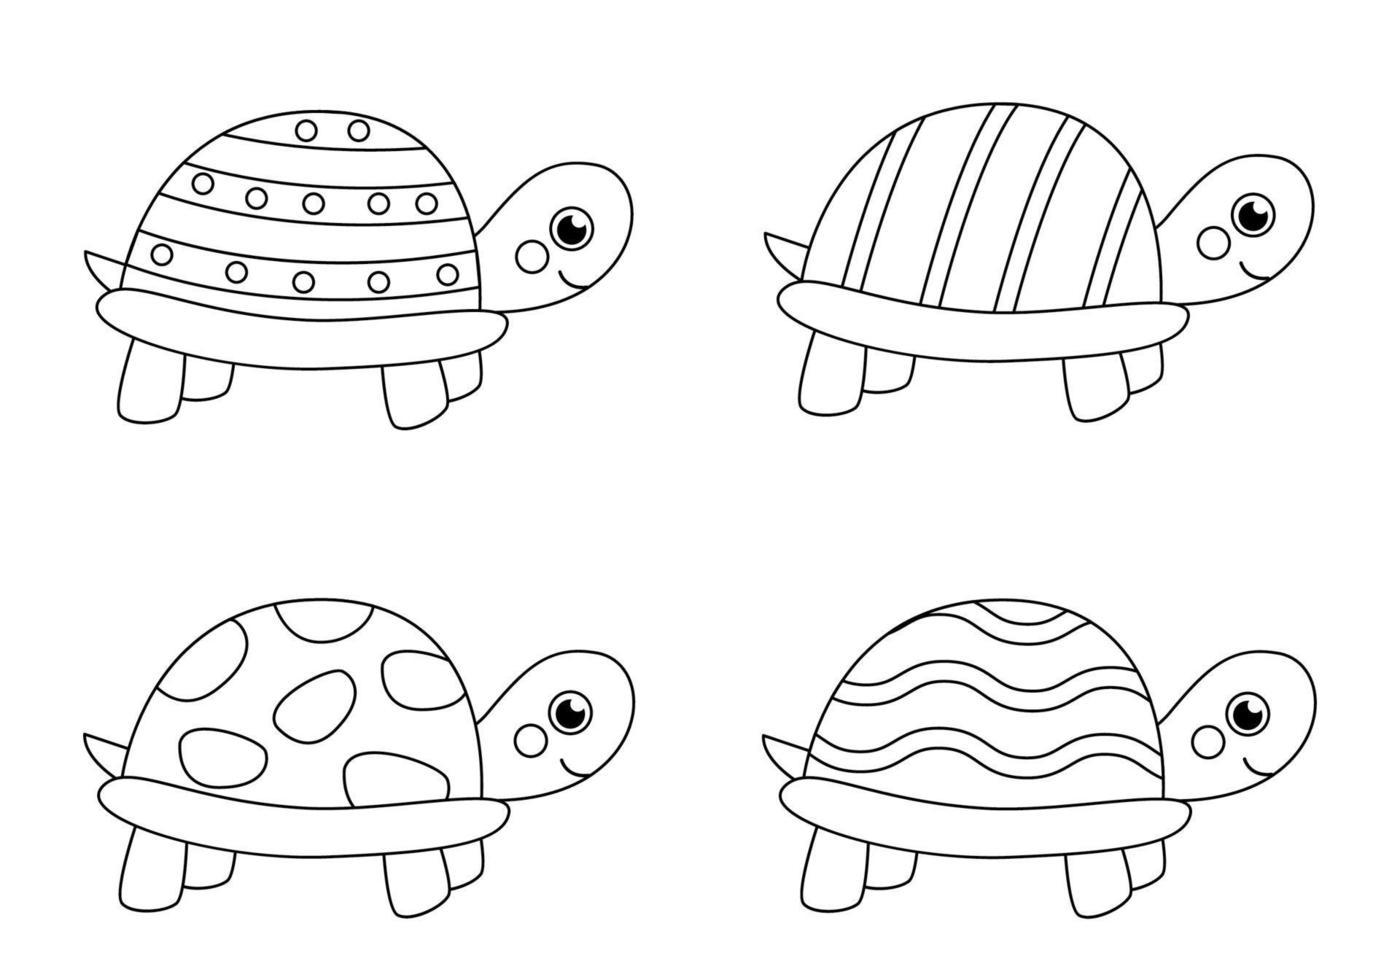 colore tartarughe bianche e nere. pagina da colorare per bambini. vettore